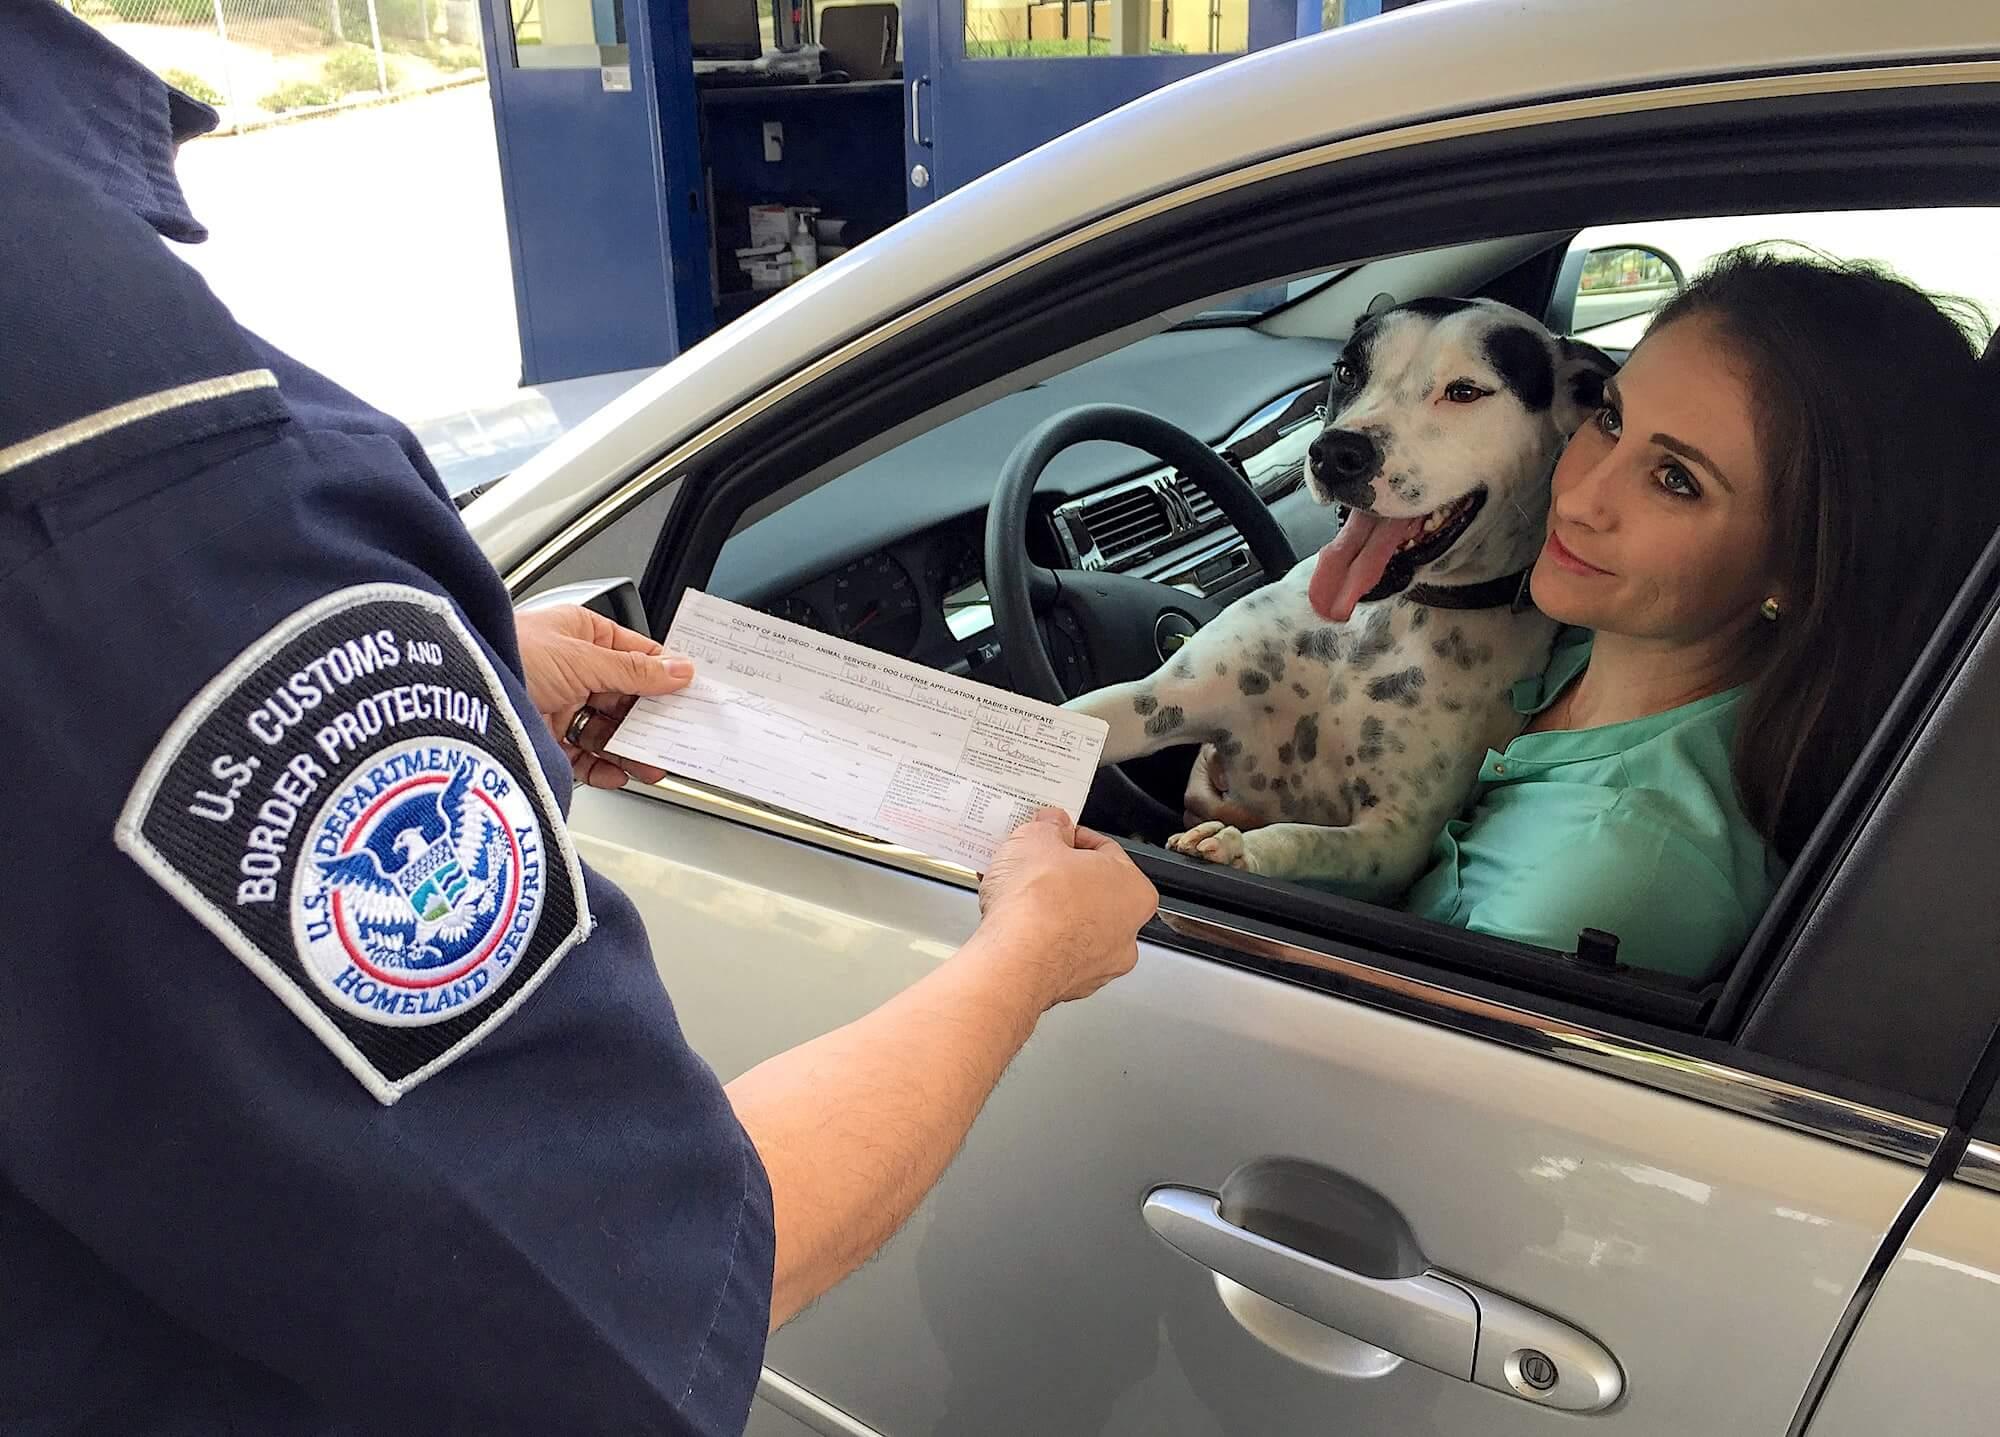 Границы для пограничников: суд США установил правила для проверки устройств — обсуждаем ситуацию - 2